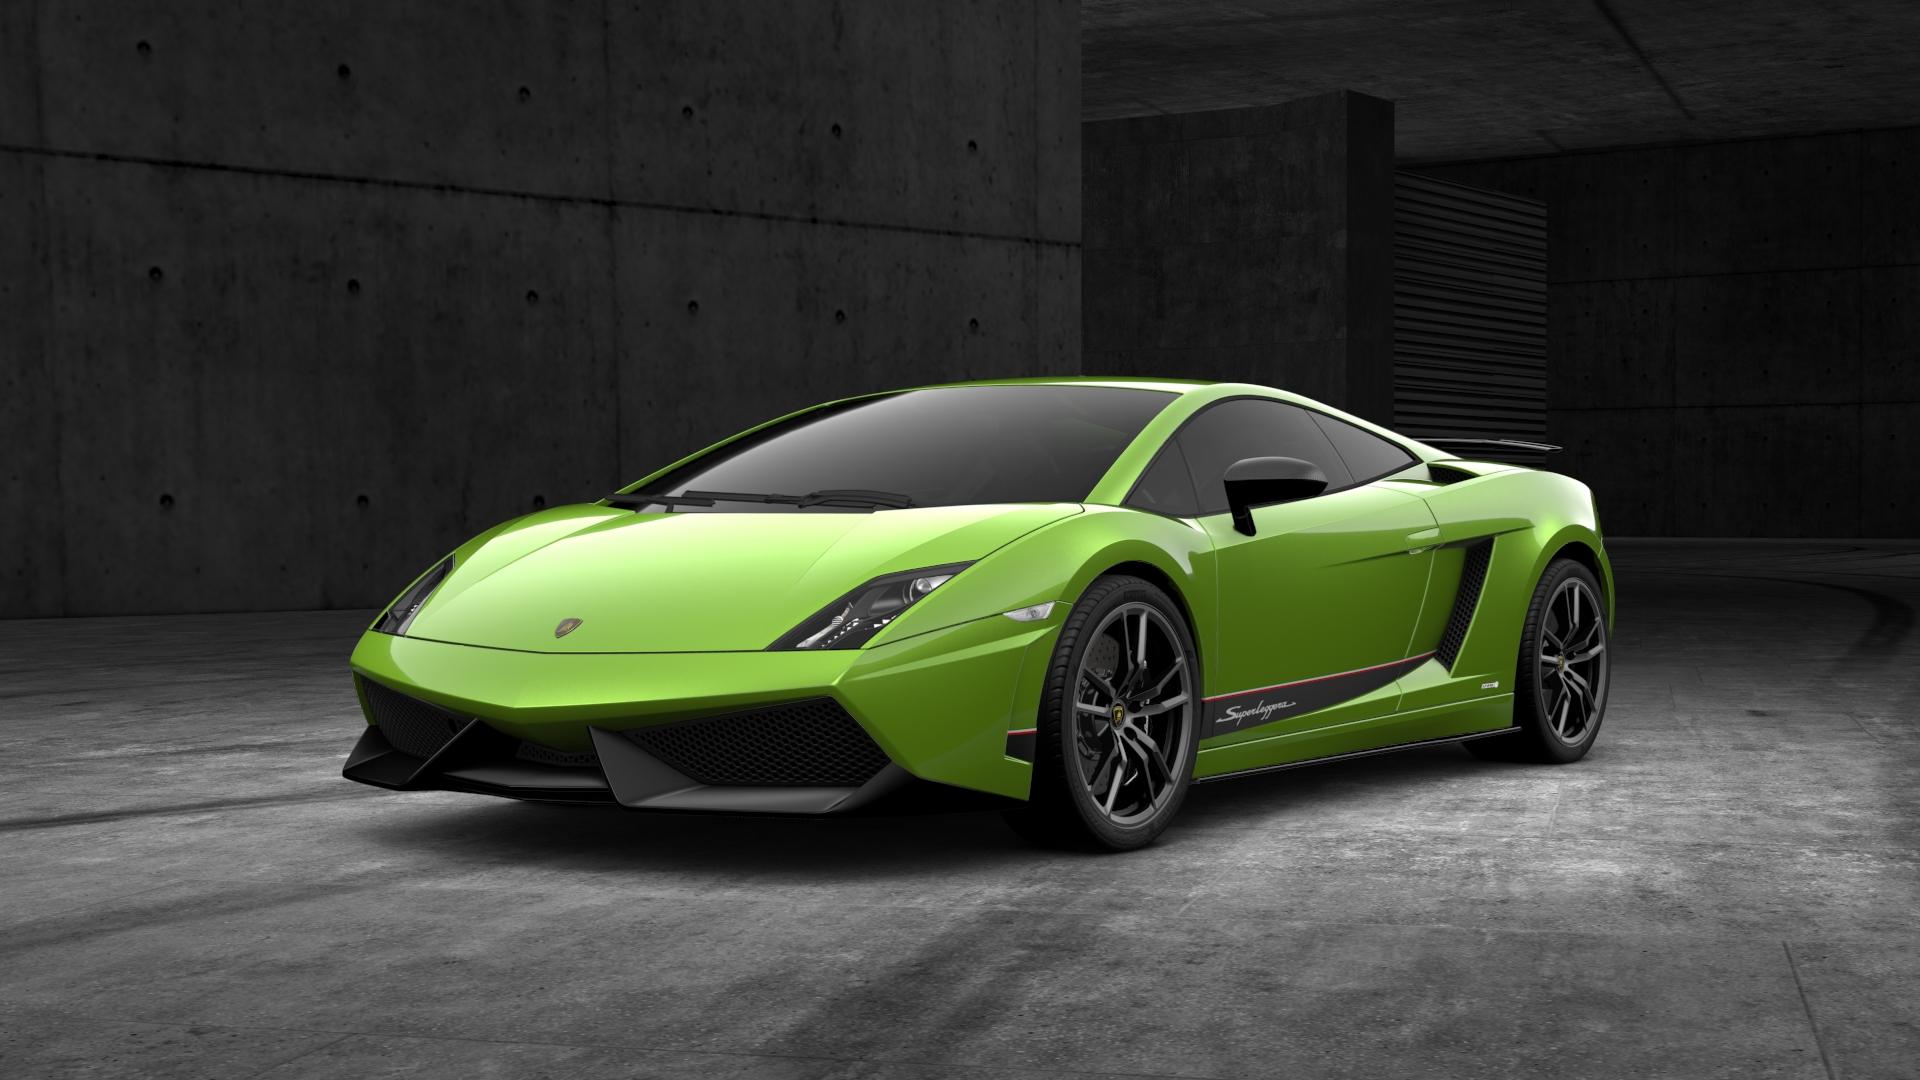 Lamborghini Gallardo Superleggera Green Image 146 Card From